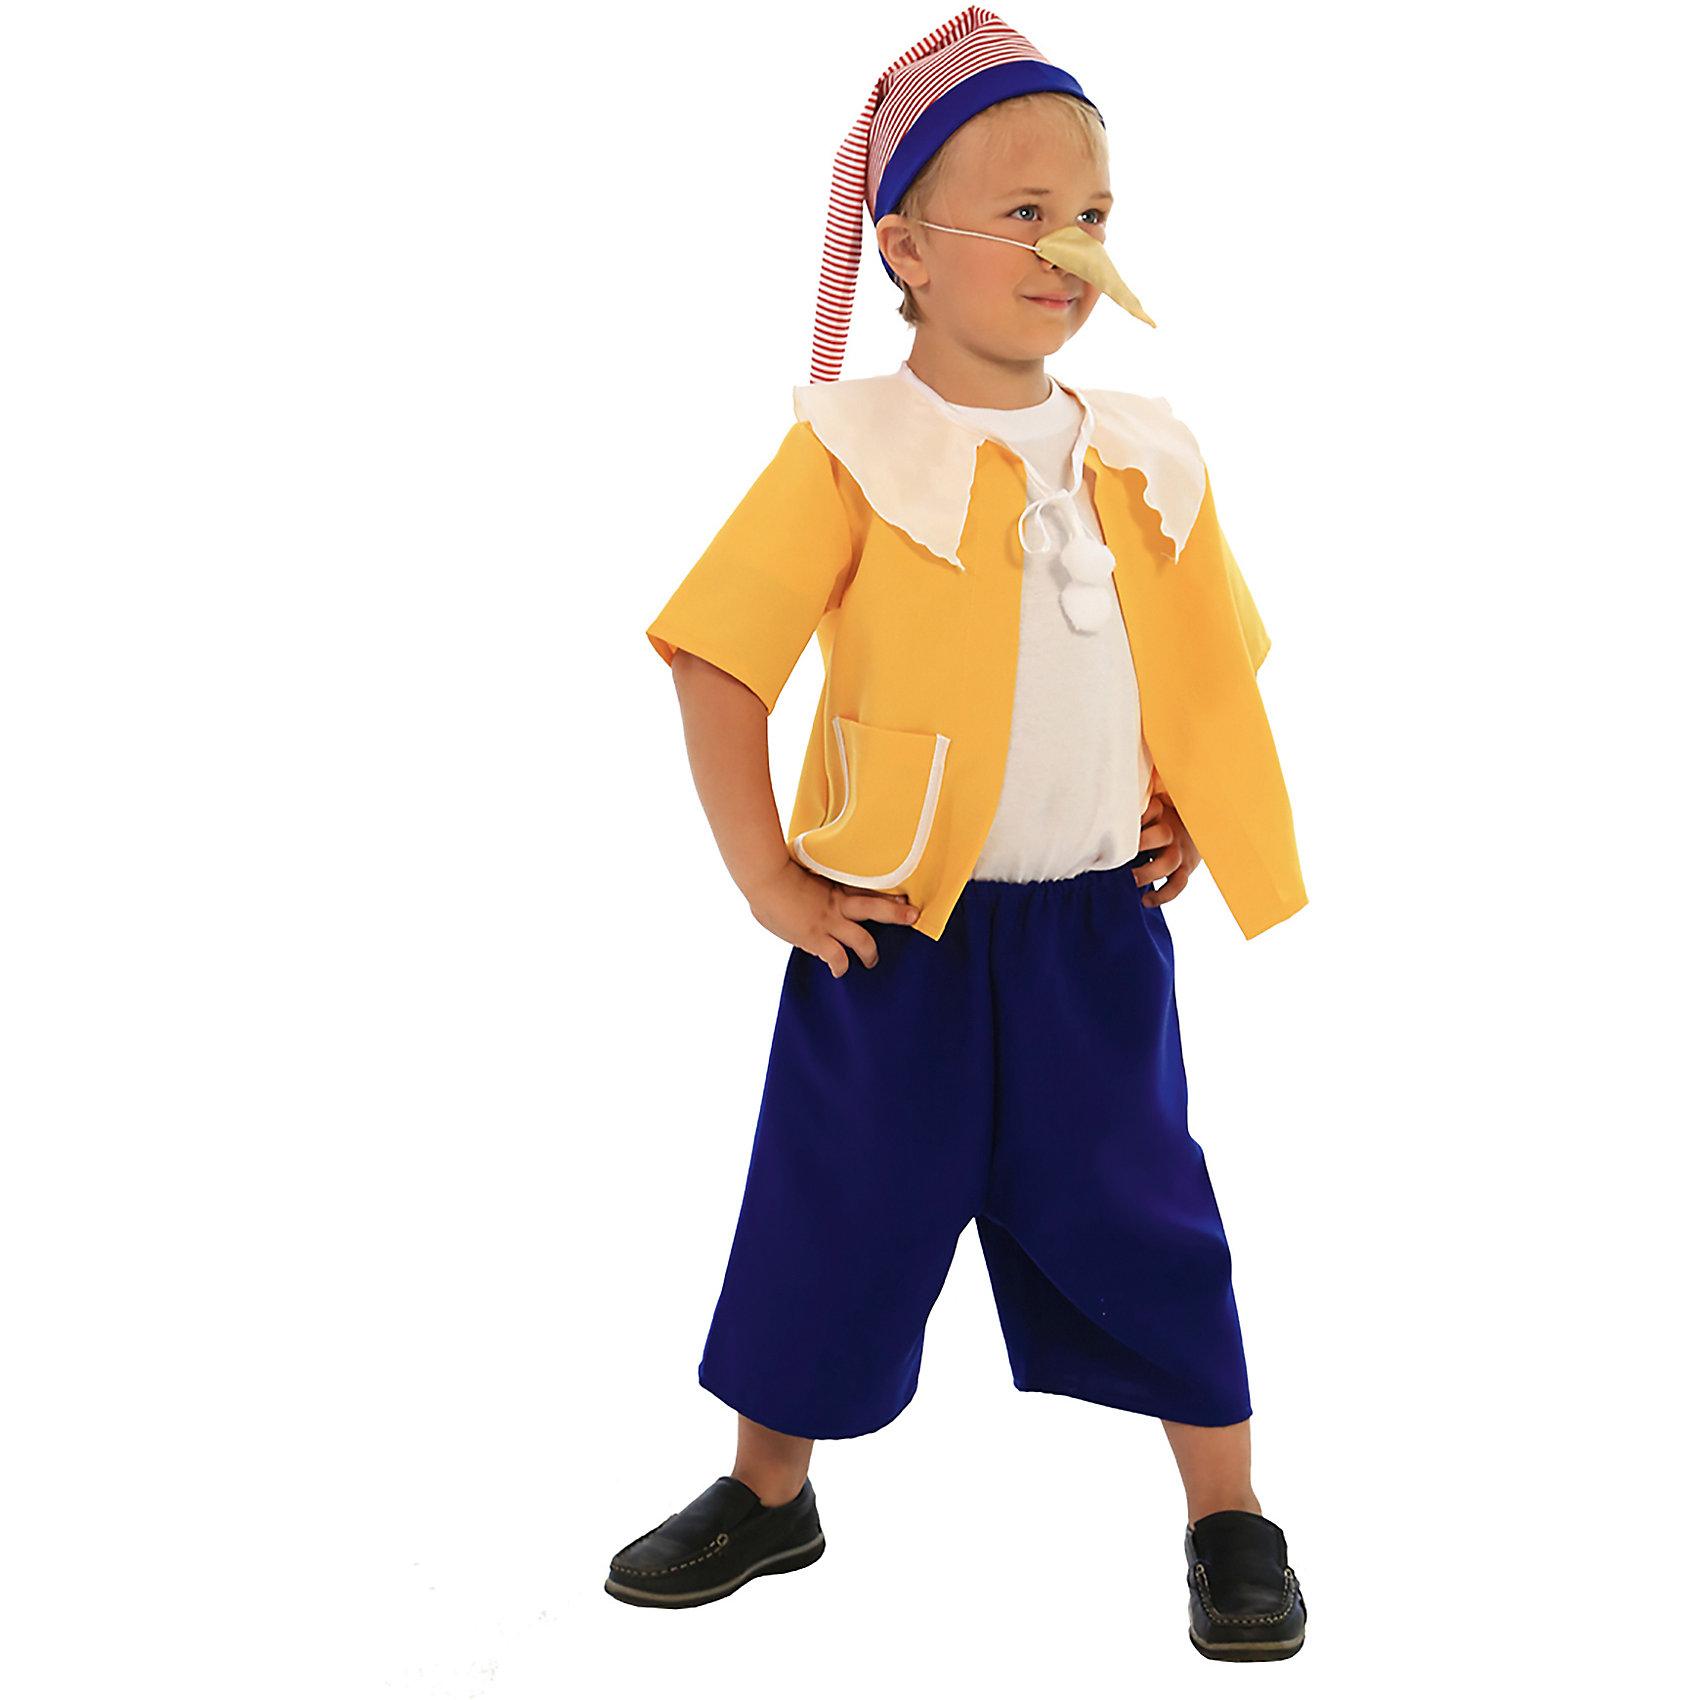 Карнавальный костюм для мальчика Буратино, ВестификаВ погоне за Золотым ключиком Буратино попадает во всевозможные переделки. На пути его ожидает огромное количество приключений, поучаствовать в которых мечтают все мальчишки. Карнавальный костюм Буратино поможет им в этом. Костюм состоит из свободной желтой курточки, выполненной из желтого габардина, и свободных шорт, выполненных из синего габардина, и колпака из полосатой хлопчатобумажной ткани. Свободные шорты собраны по талии на резинку и не стесняют движения. Желтая курточка украшена белым воротничком, кармашком и помпонами на завязочках. Рекомендуем дополнить карнавальный костюм Буратино обувью в цвет костюма, белыми носочками и белой майкой или футболкой.<br><br>Дополнительная информация:<br><br>Комплектация:<br>Рубашка из габардина с помпонами<br>Шорты из габардина<br>Колпак из тиси<br>Нос на резинке<br>Ткани:<br>Габардин (100% полиэстер)<br>Тиси (80% полиэстер, 20% хлопок)<br><br>Карнавальный костюм для мальчика Буратино, Вестифика можно купить в нашем магазине.<br><br>Ширина мм: 236<br>Глубина мм: 16<br>Высота мм: 184<br>Вес г: 230<br>Цвет: разноцветный<br>Возраст от месяцев: 36<br>Возраст до месяцев: 60<br>Пол: Мужской<br>Возраст: Детский<br>Размер: 98/110,116/122<br>SKU: 4389230